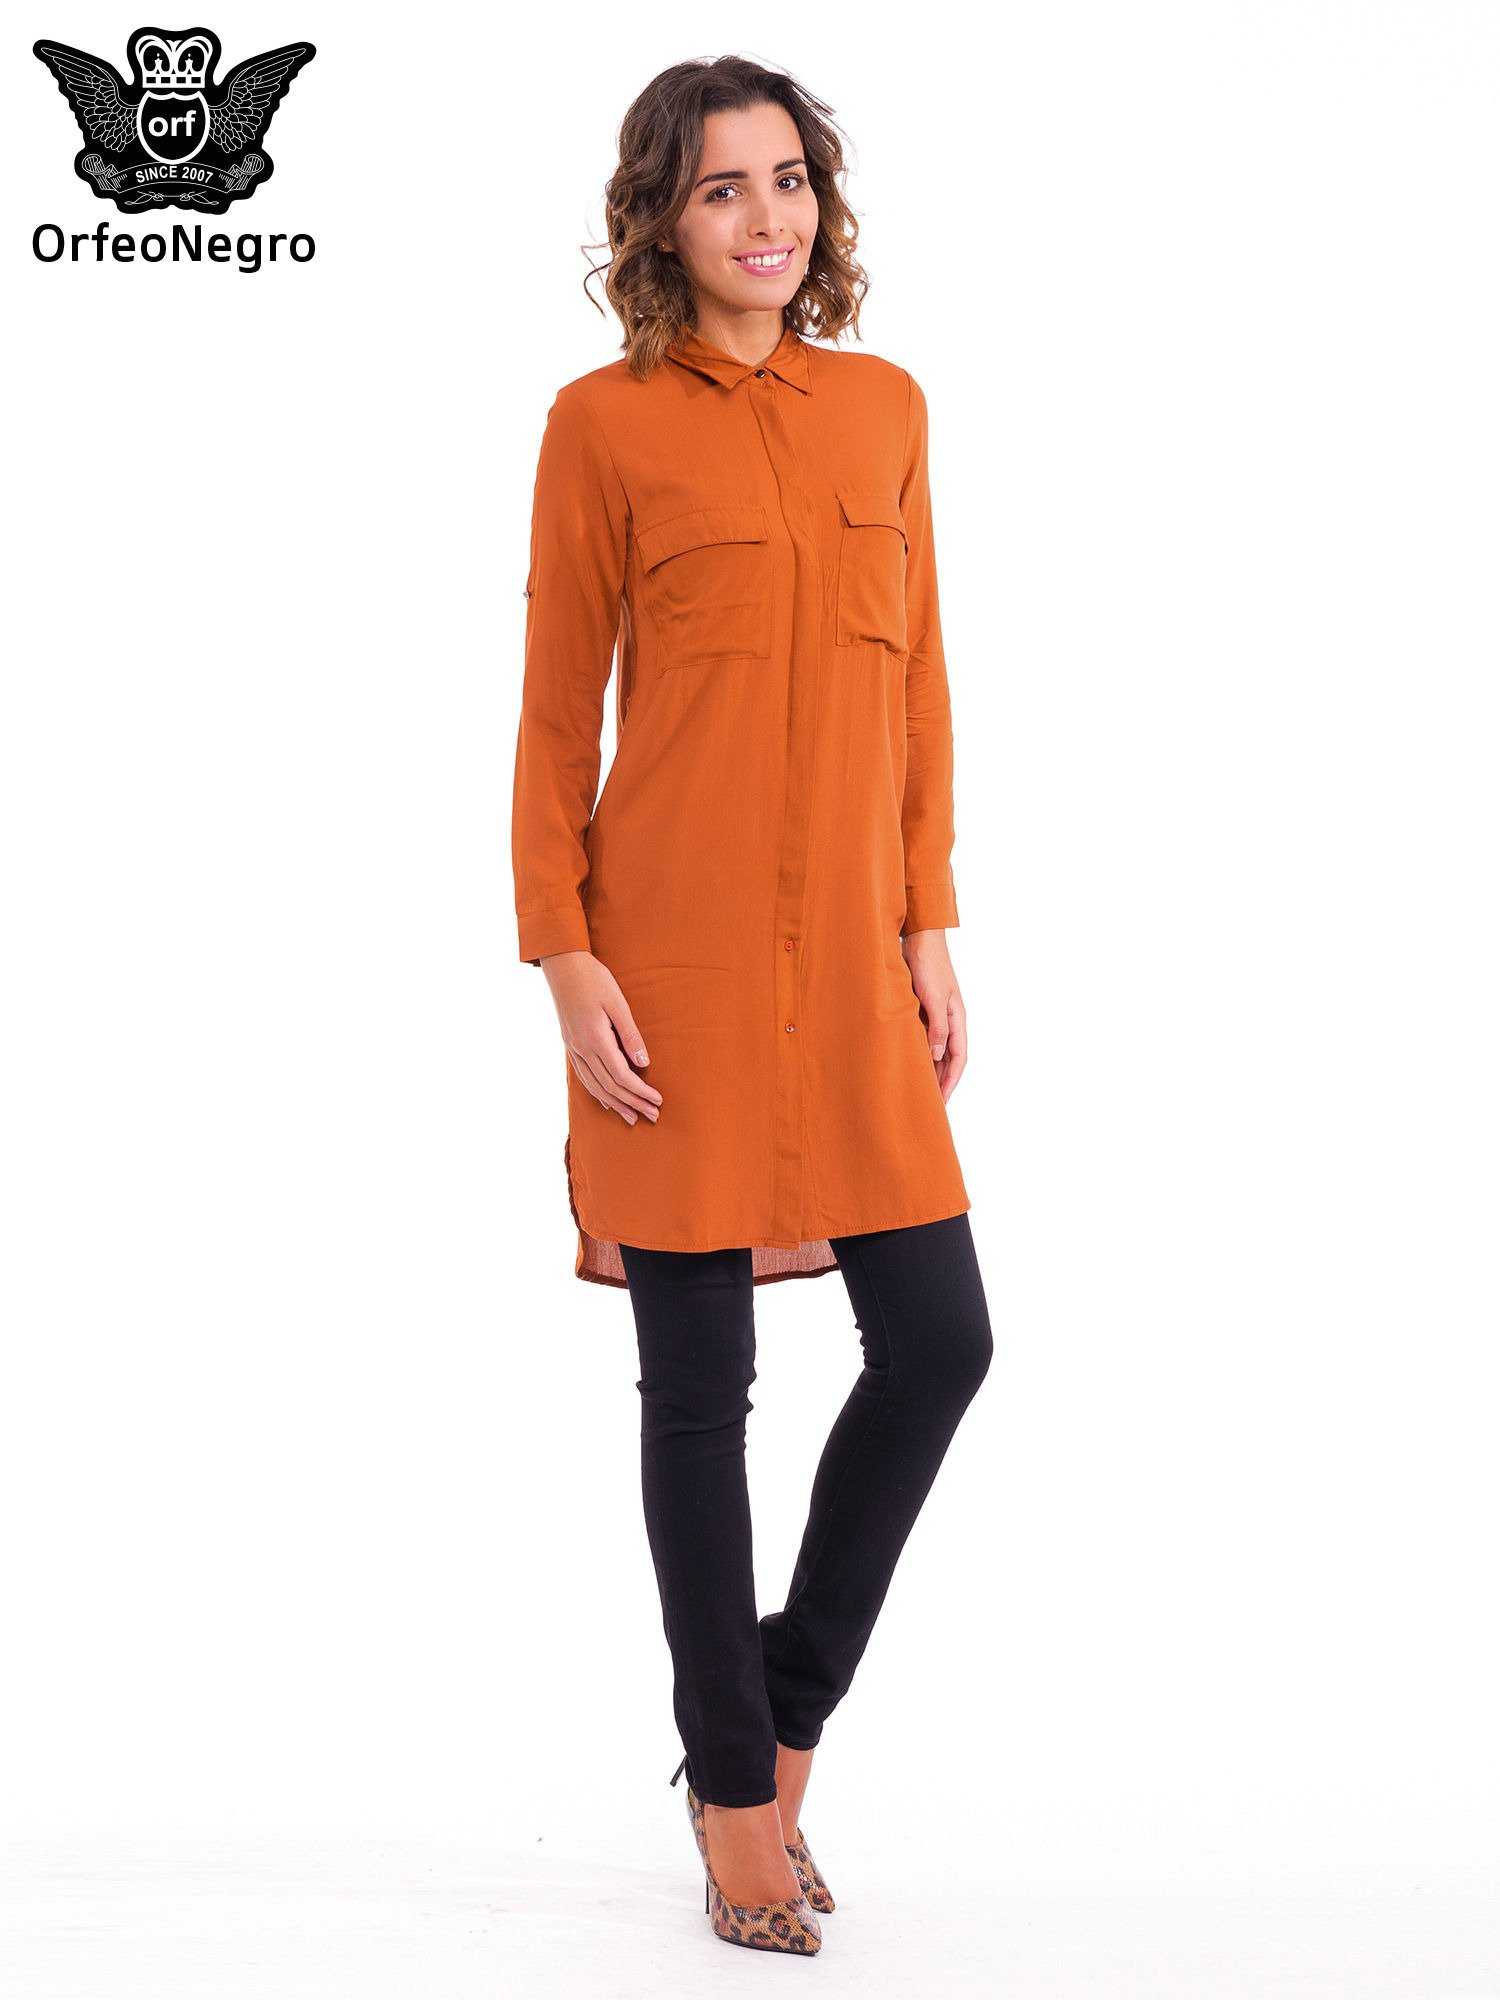 Pomarańczowa koszulotunika z kieszonkami                                  zdj.                                  2